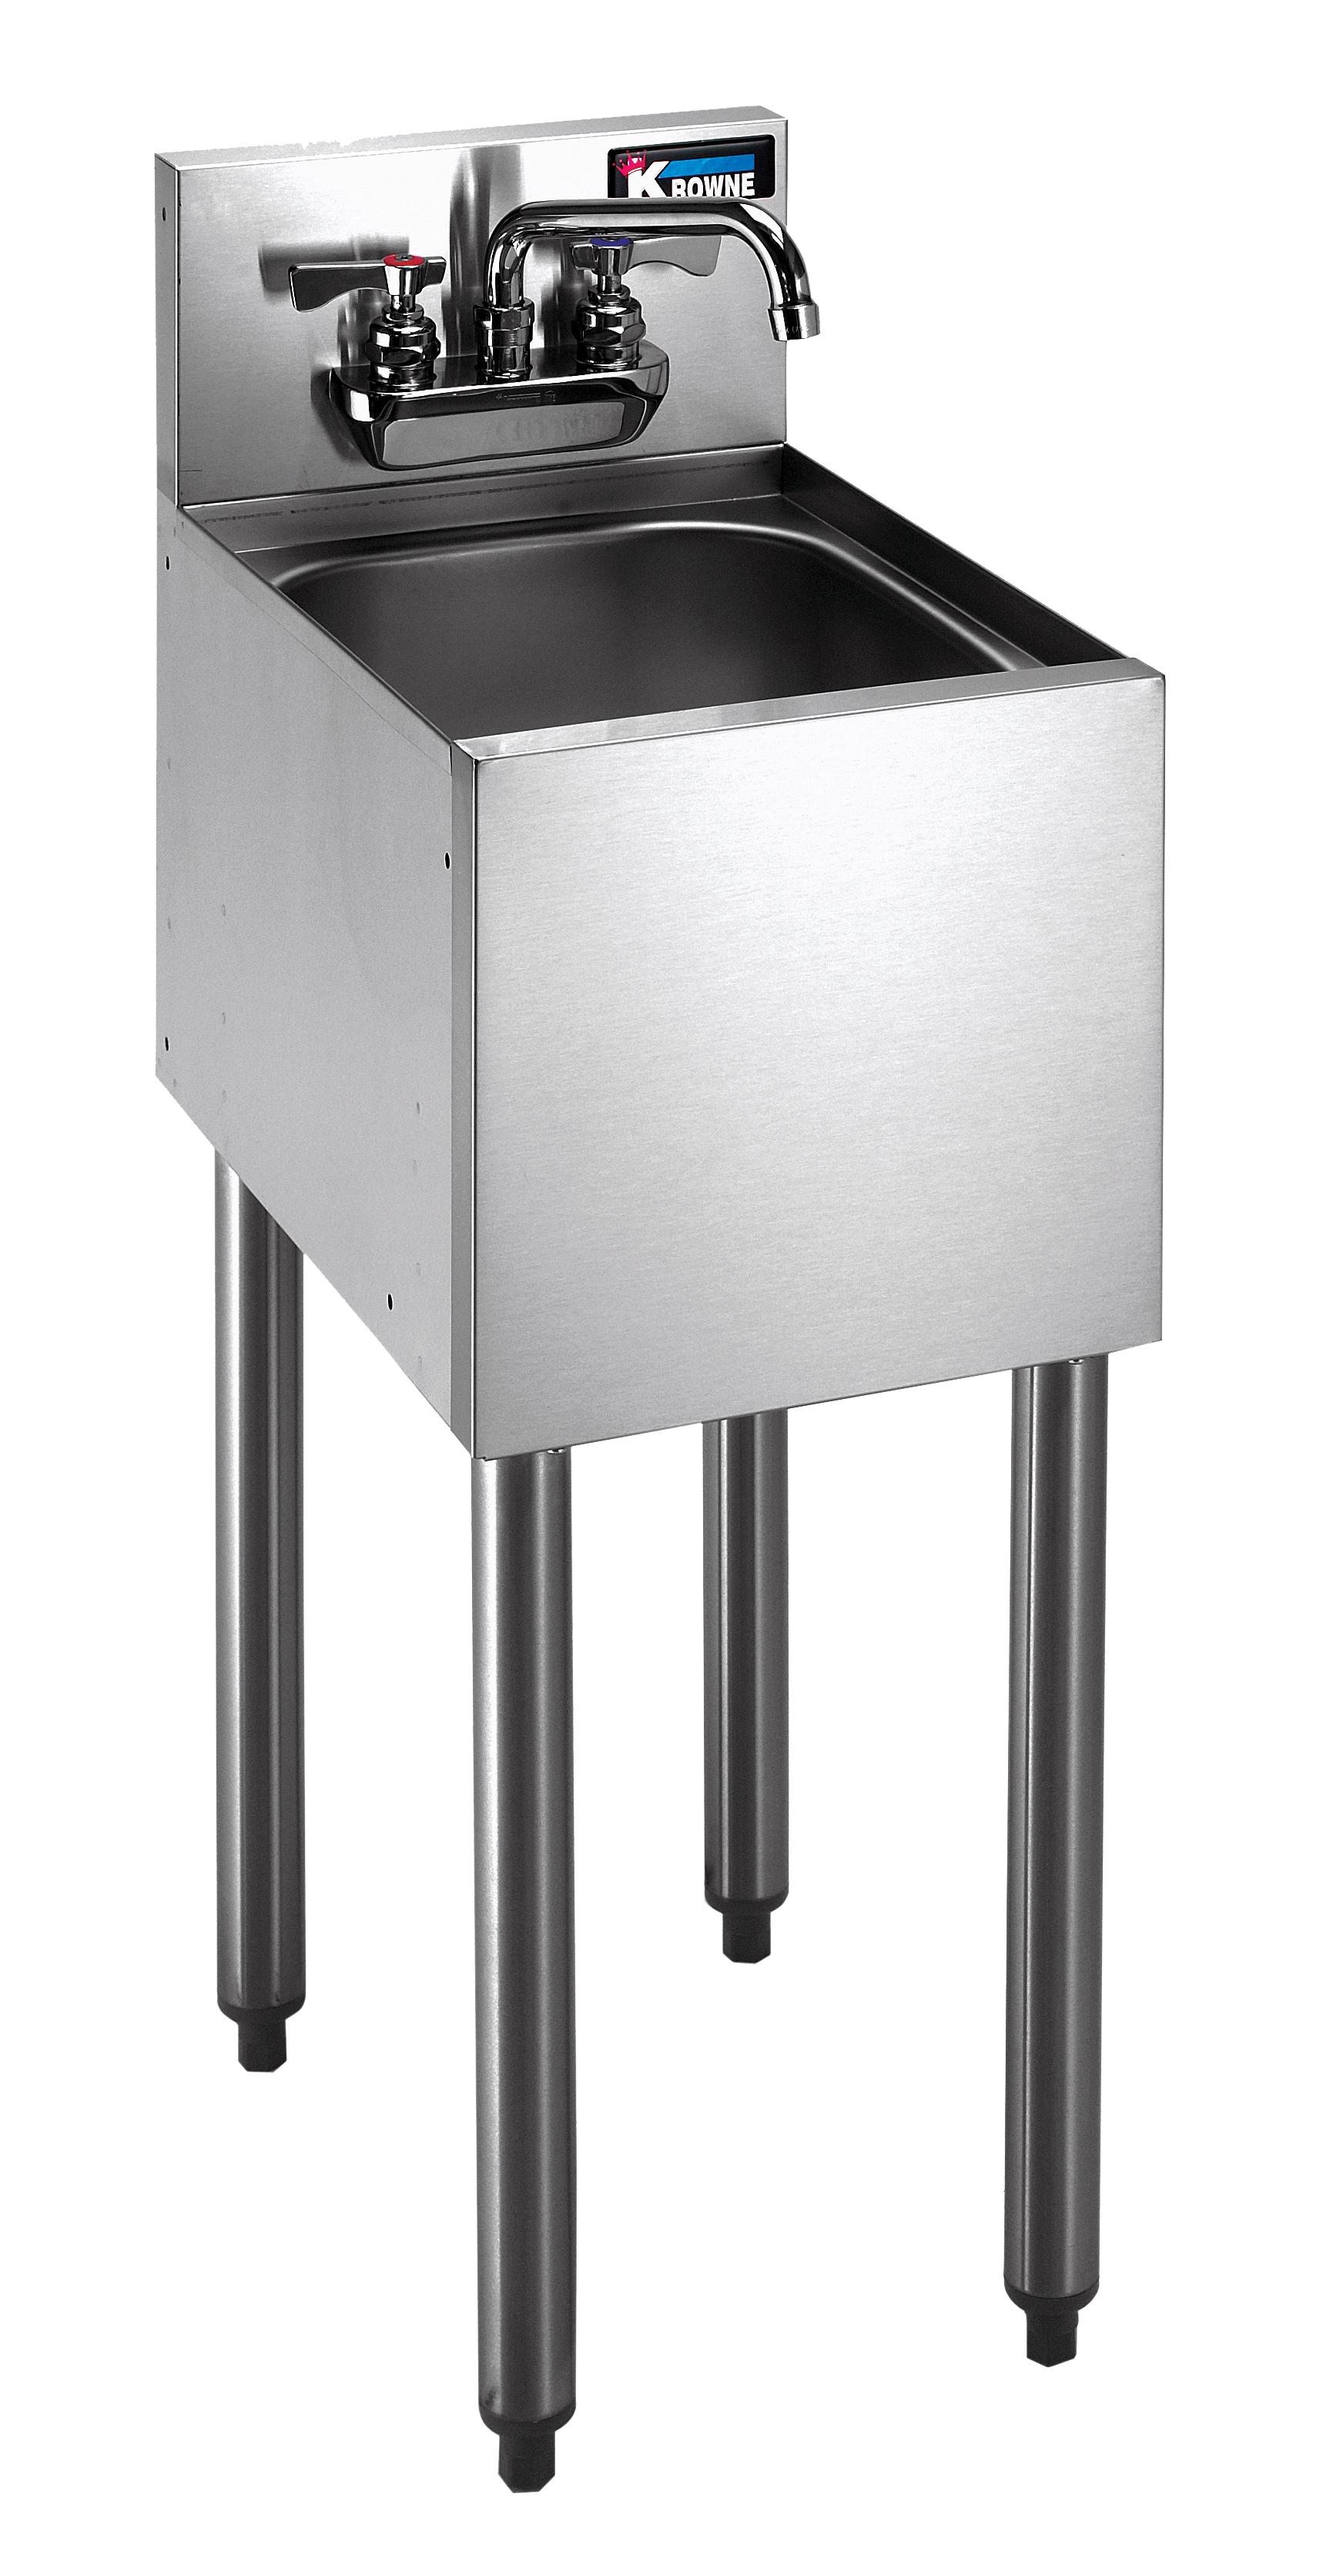 Krowne Metal KR18-1C underbar hand sink unit